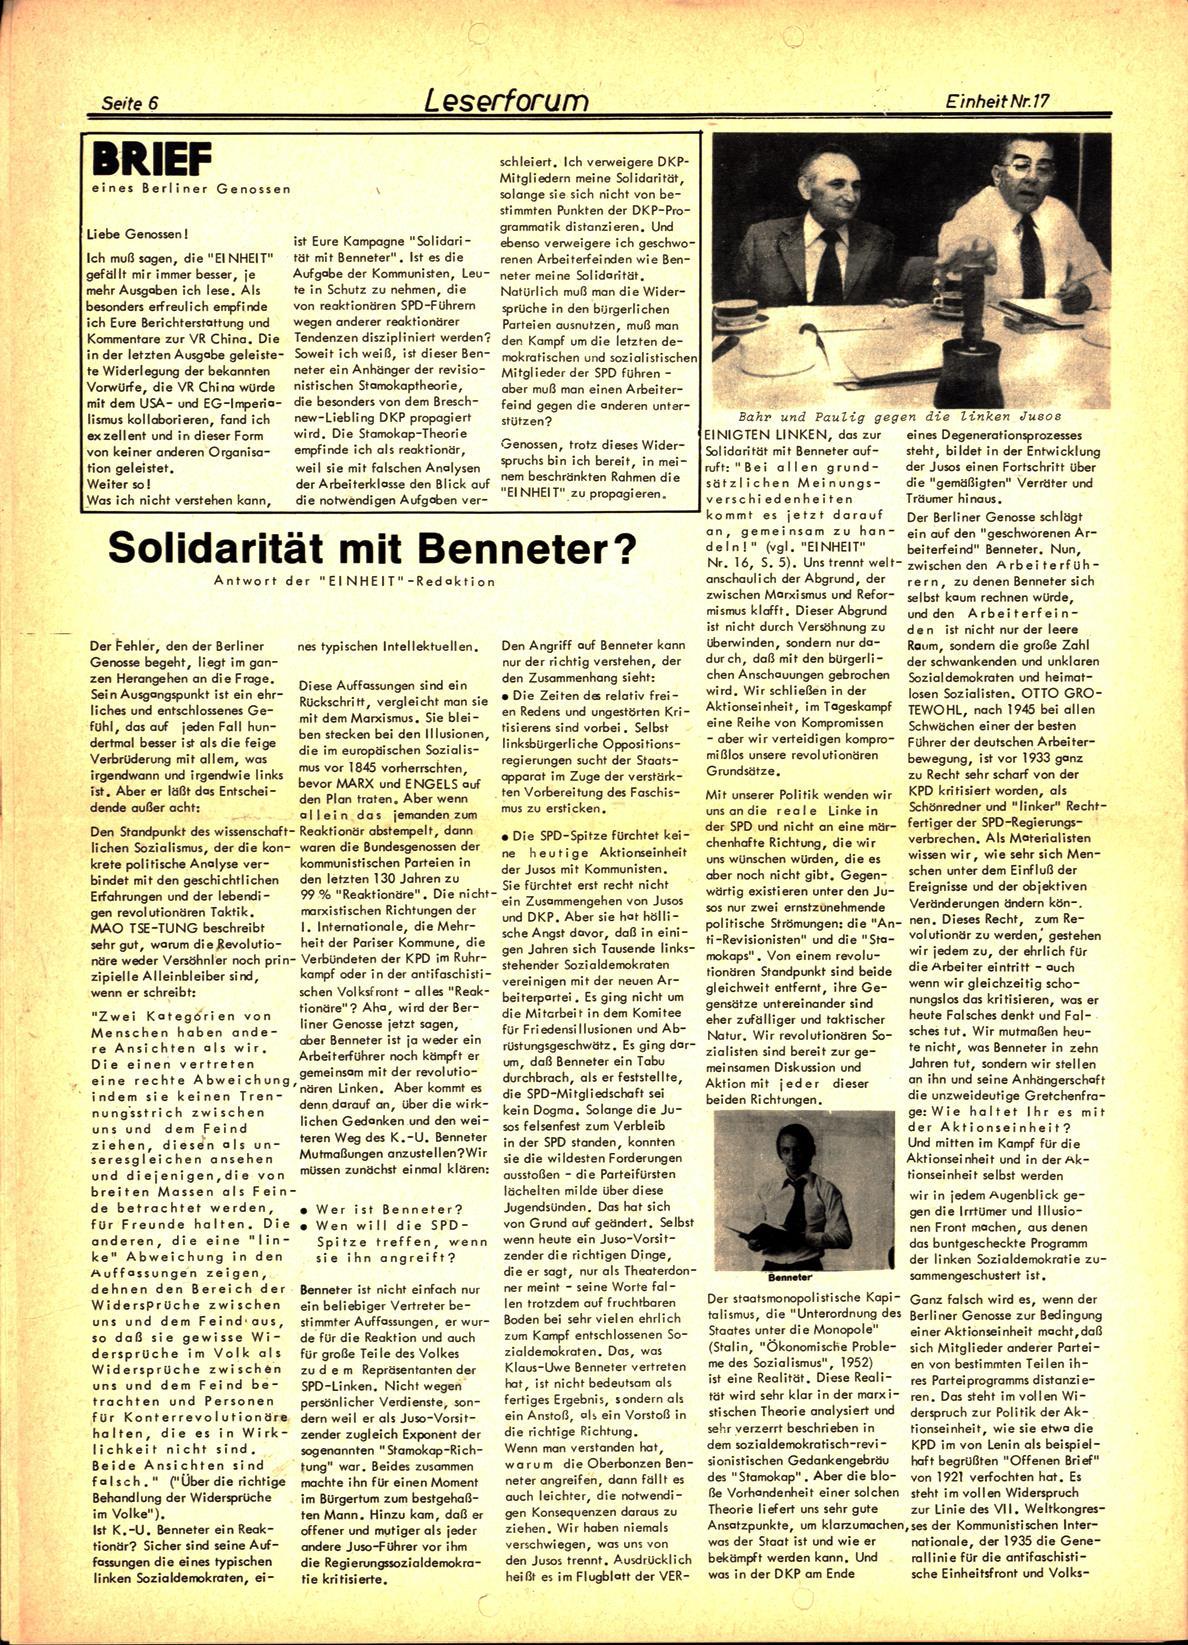 Koeln_IPdA_Einheit_1977_017_006